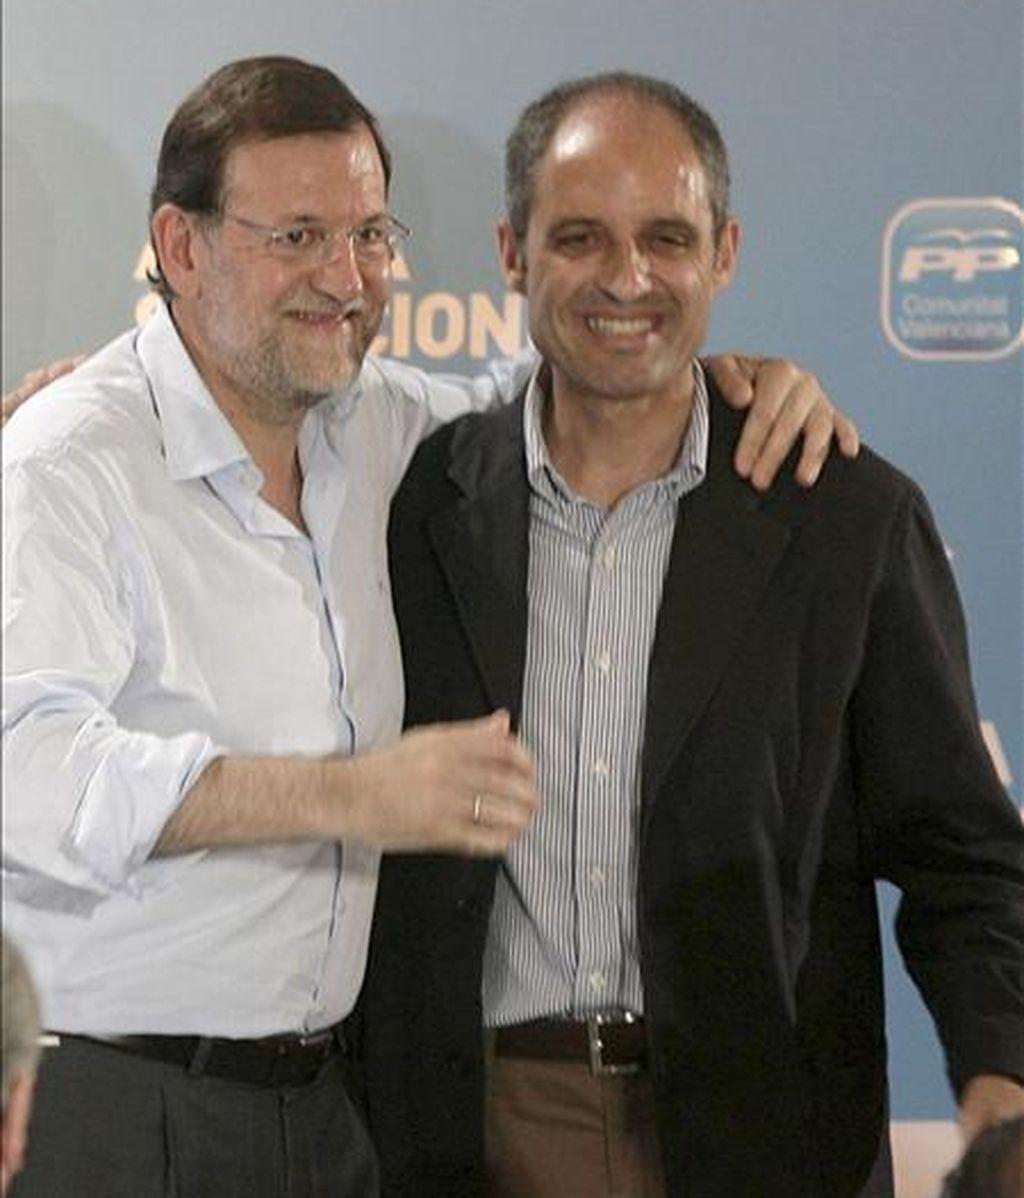 El presidente del PP, Mariano Rajoy (i), y el presidente de la Comunidad Valenciana, Francisco Camps, durante un acto electoral que el Partido Popular en la capital castellonense de cara a las próximas elecciones europeas. EFE/Archivo